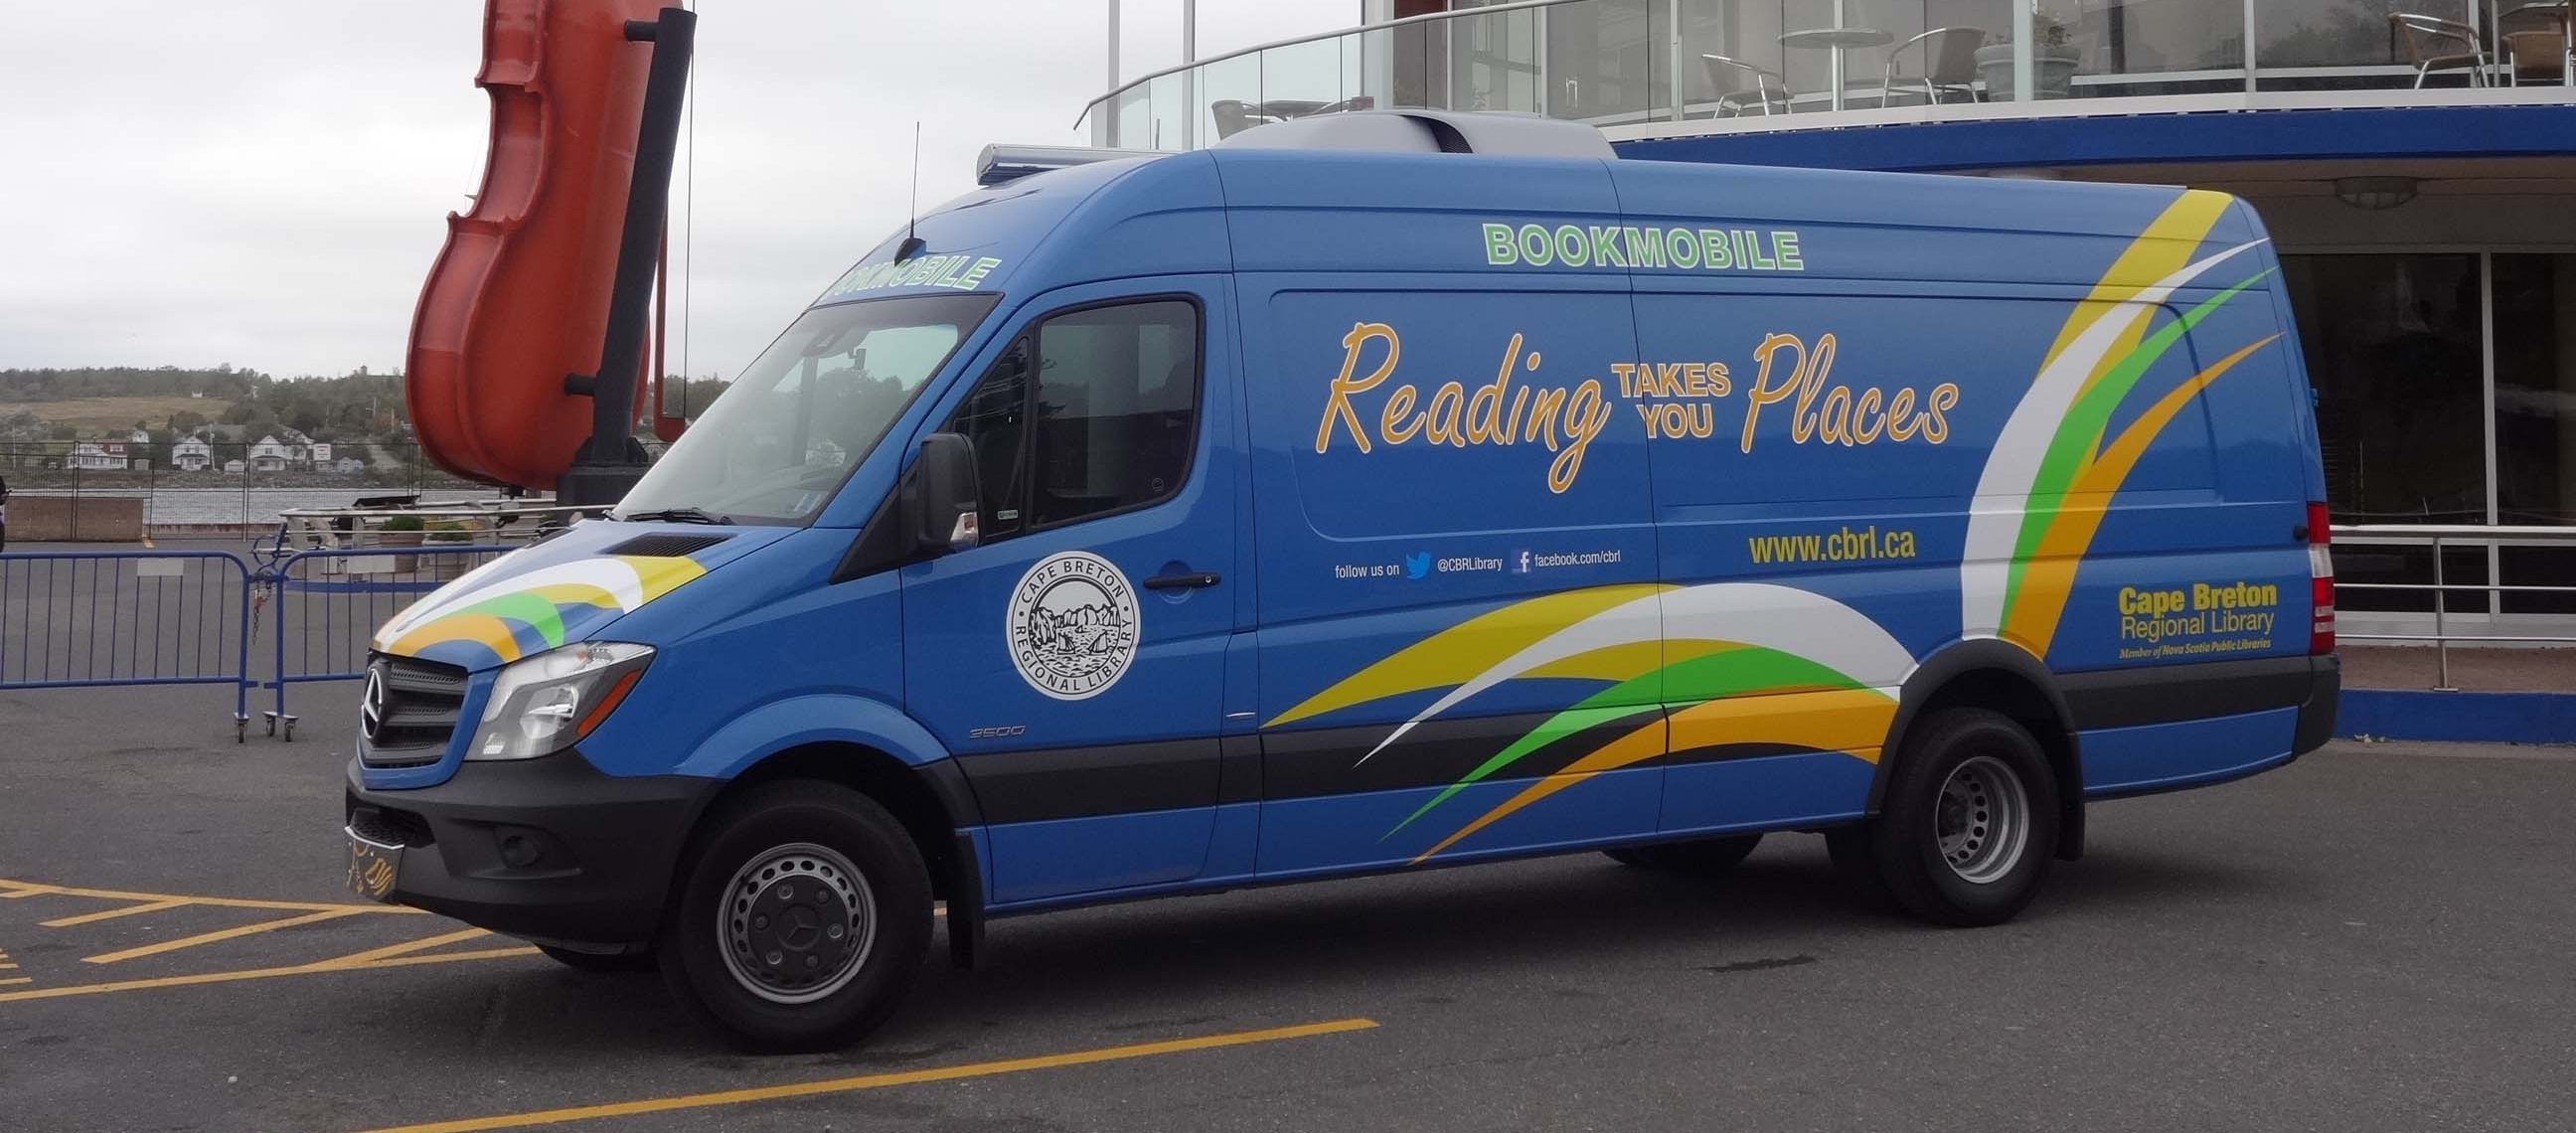 Bookmobile